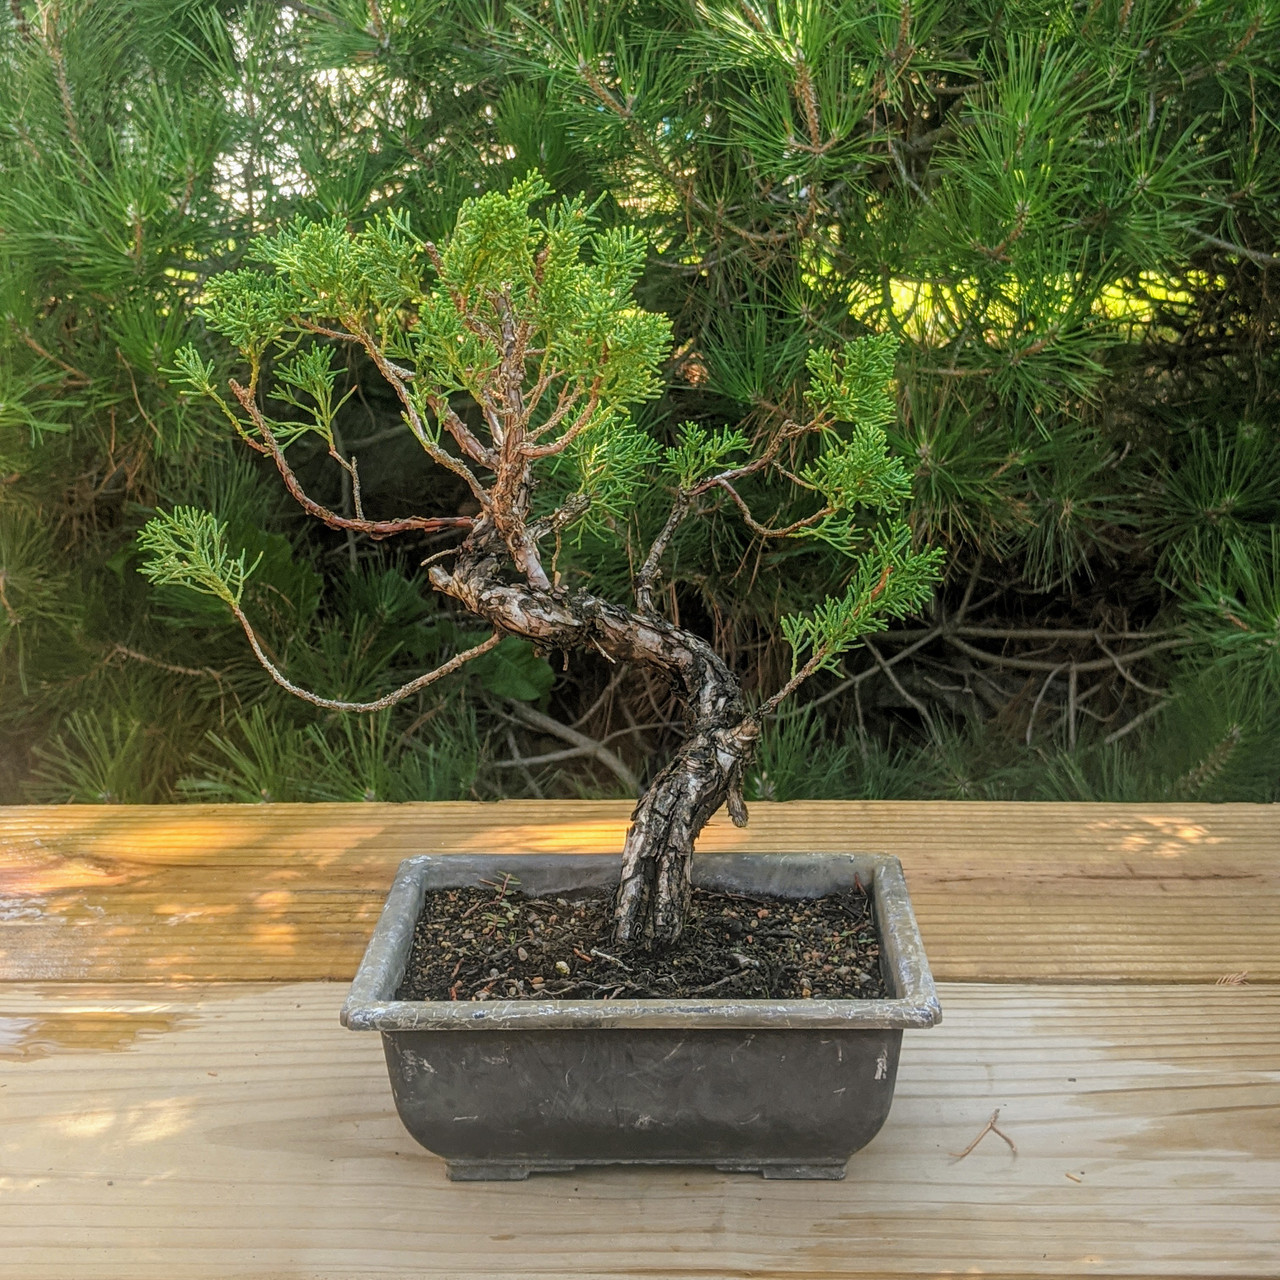 Itoigawa Shimpaku Juniper Bonsai Tree New England Bonsai Web4161